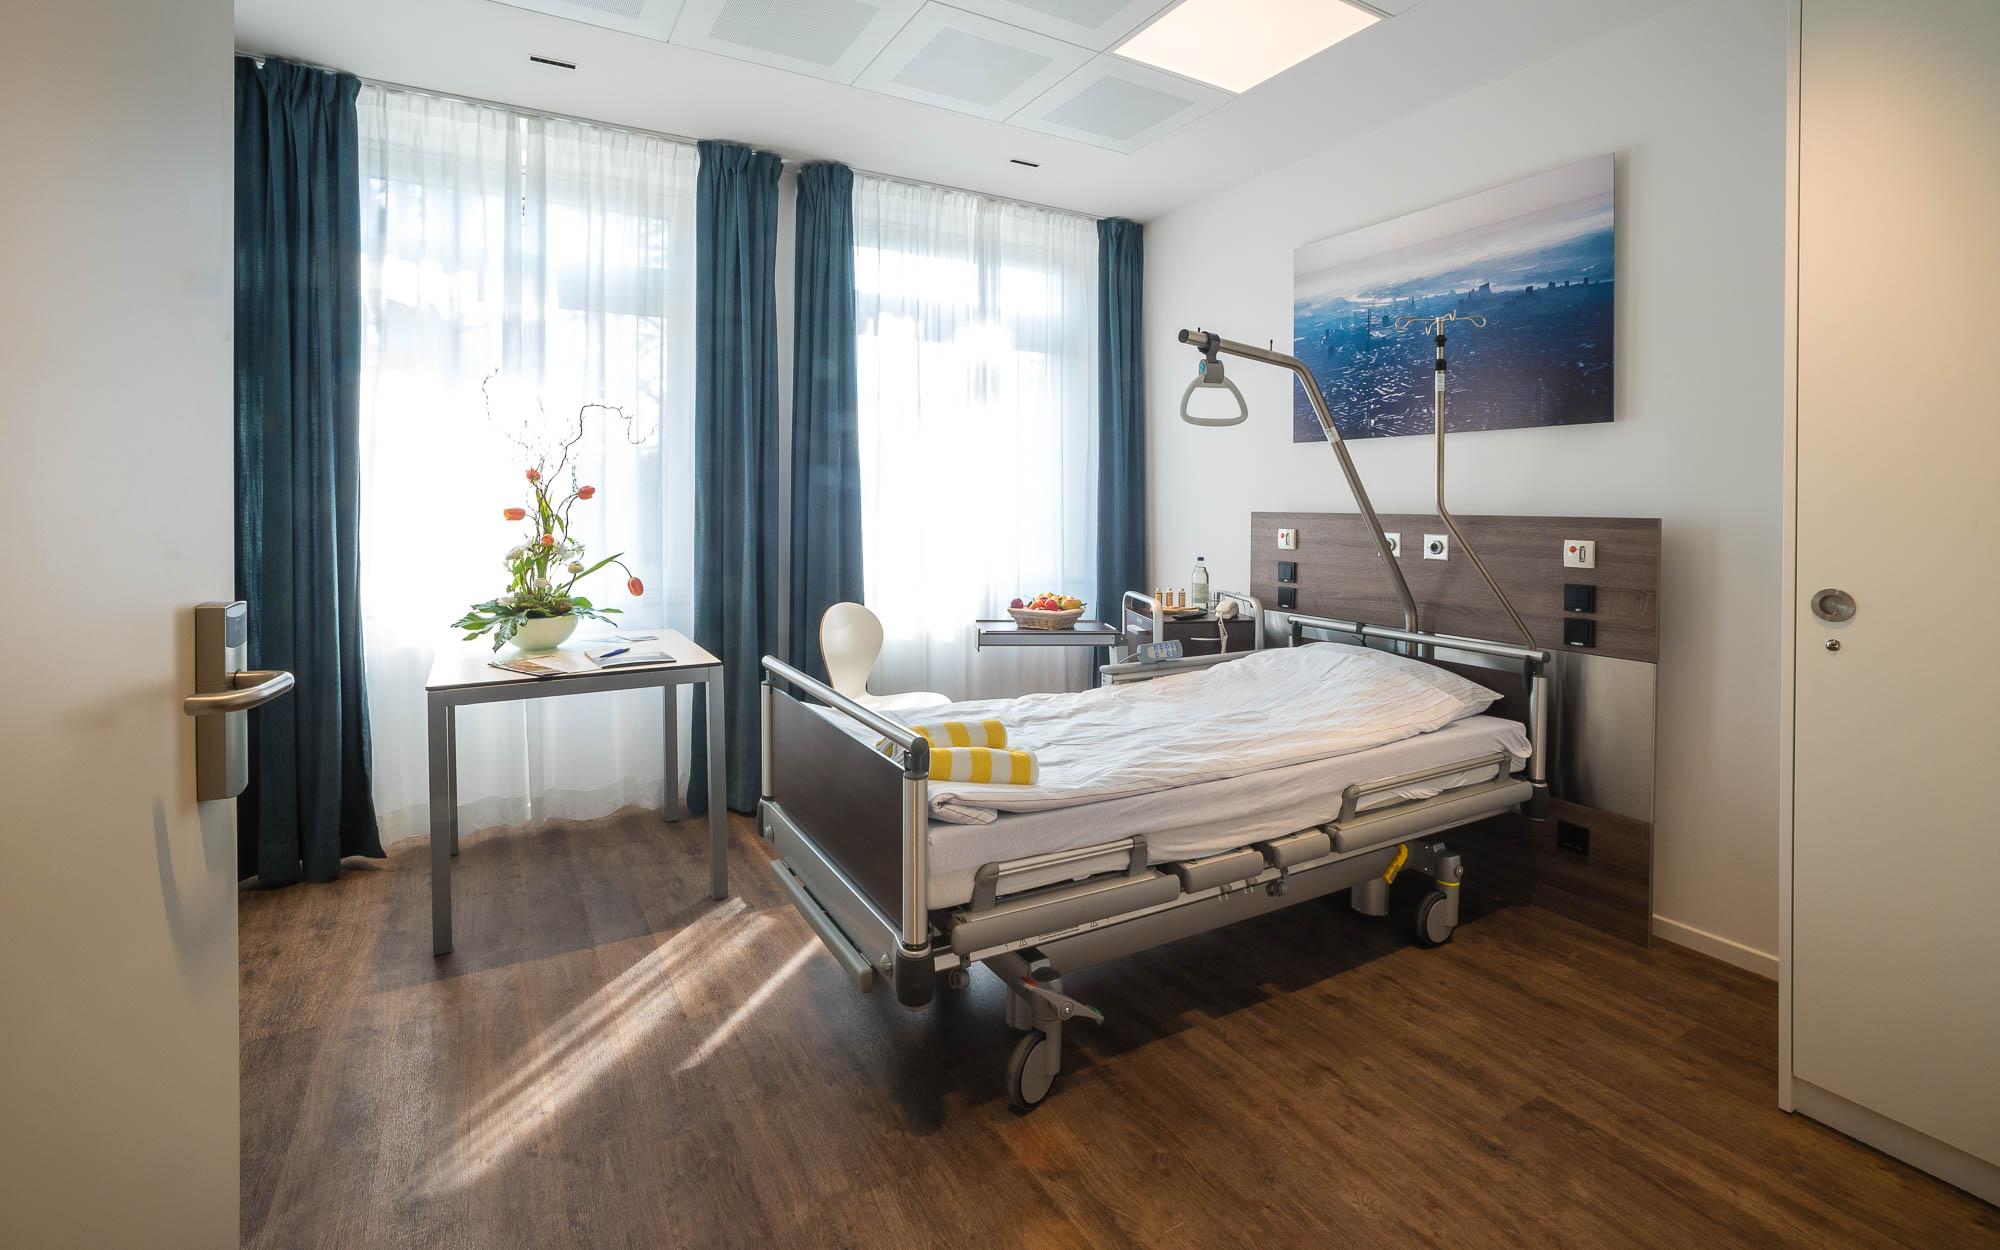 Patientenzimmer, Krankenhaus Jerusalem, Hamburg, 2016 | [© (c) Martin Zitzlaff, Hamburg, www.zitzlaff.com, Veroeffentlichung nur gegen Honorar (MFM) und Belegexemplar, mit Namensnennung]